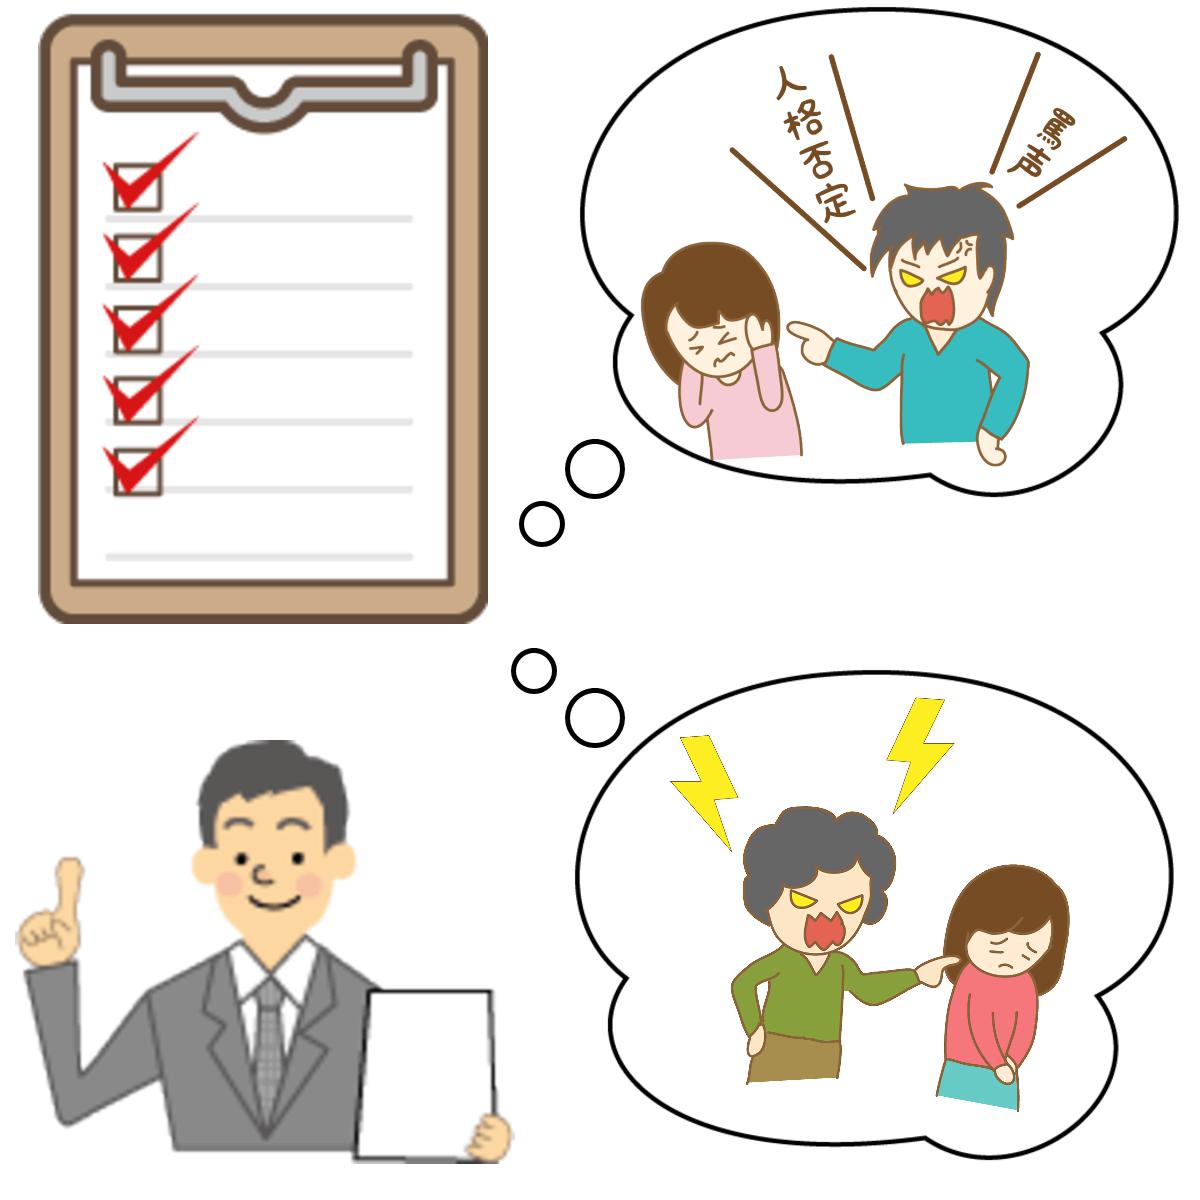 毒親チェックリストで父親と母親が持つ毒親の特徴をチェックしているイメージ